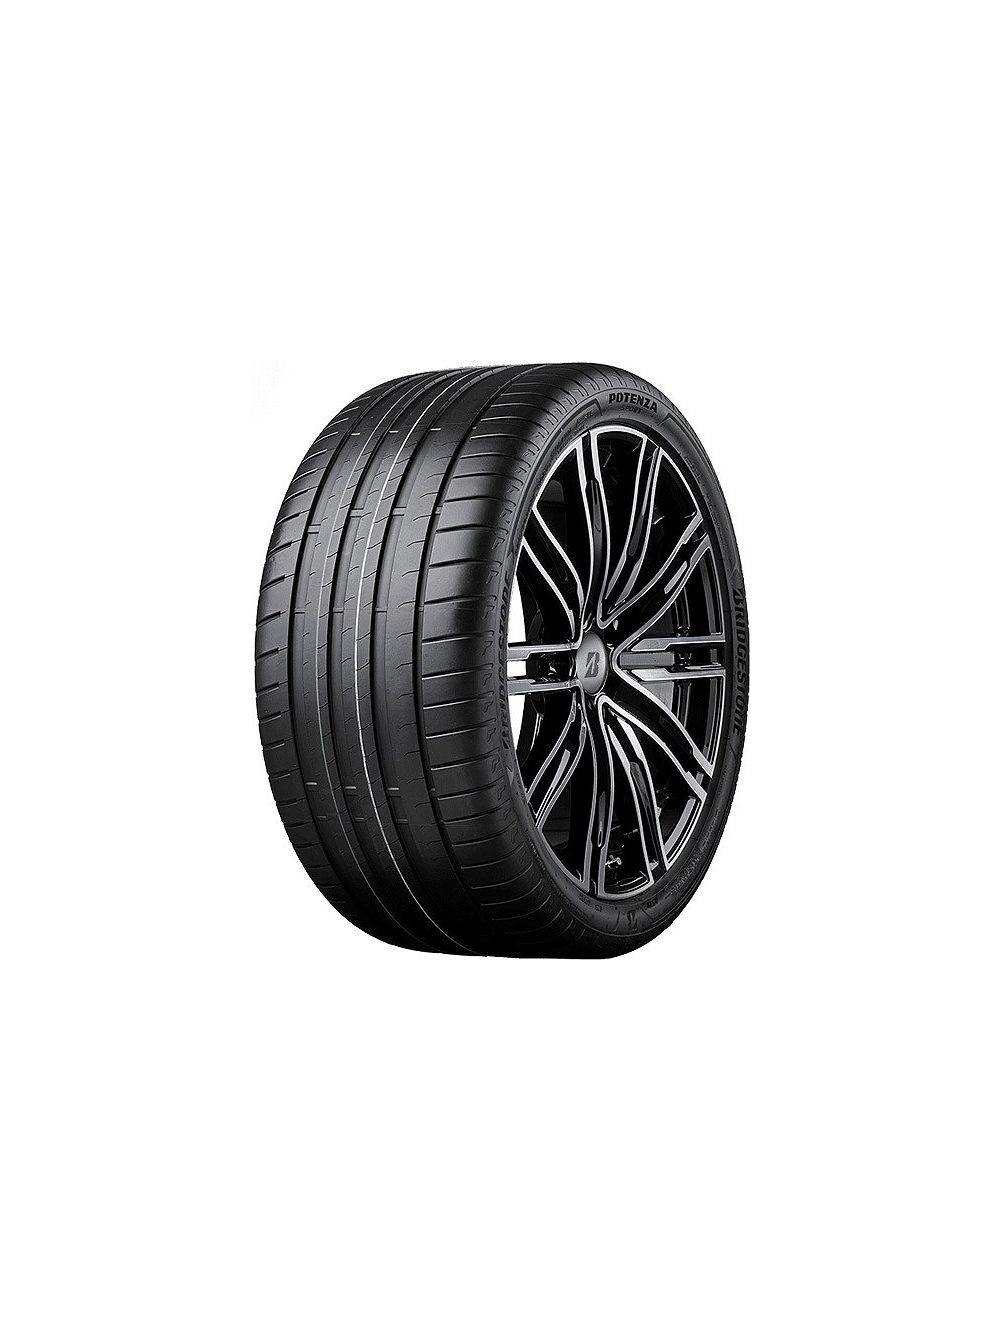 Bridgestone 285/40R21 Y PotenzaSport XL Nyári gumi